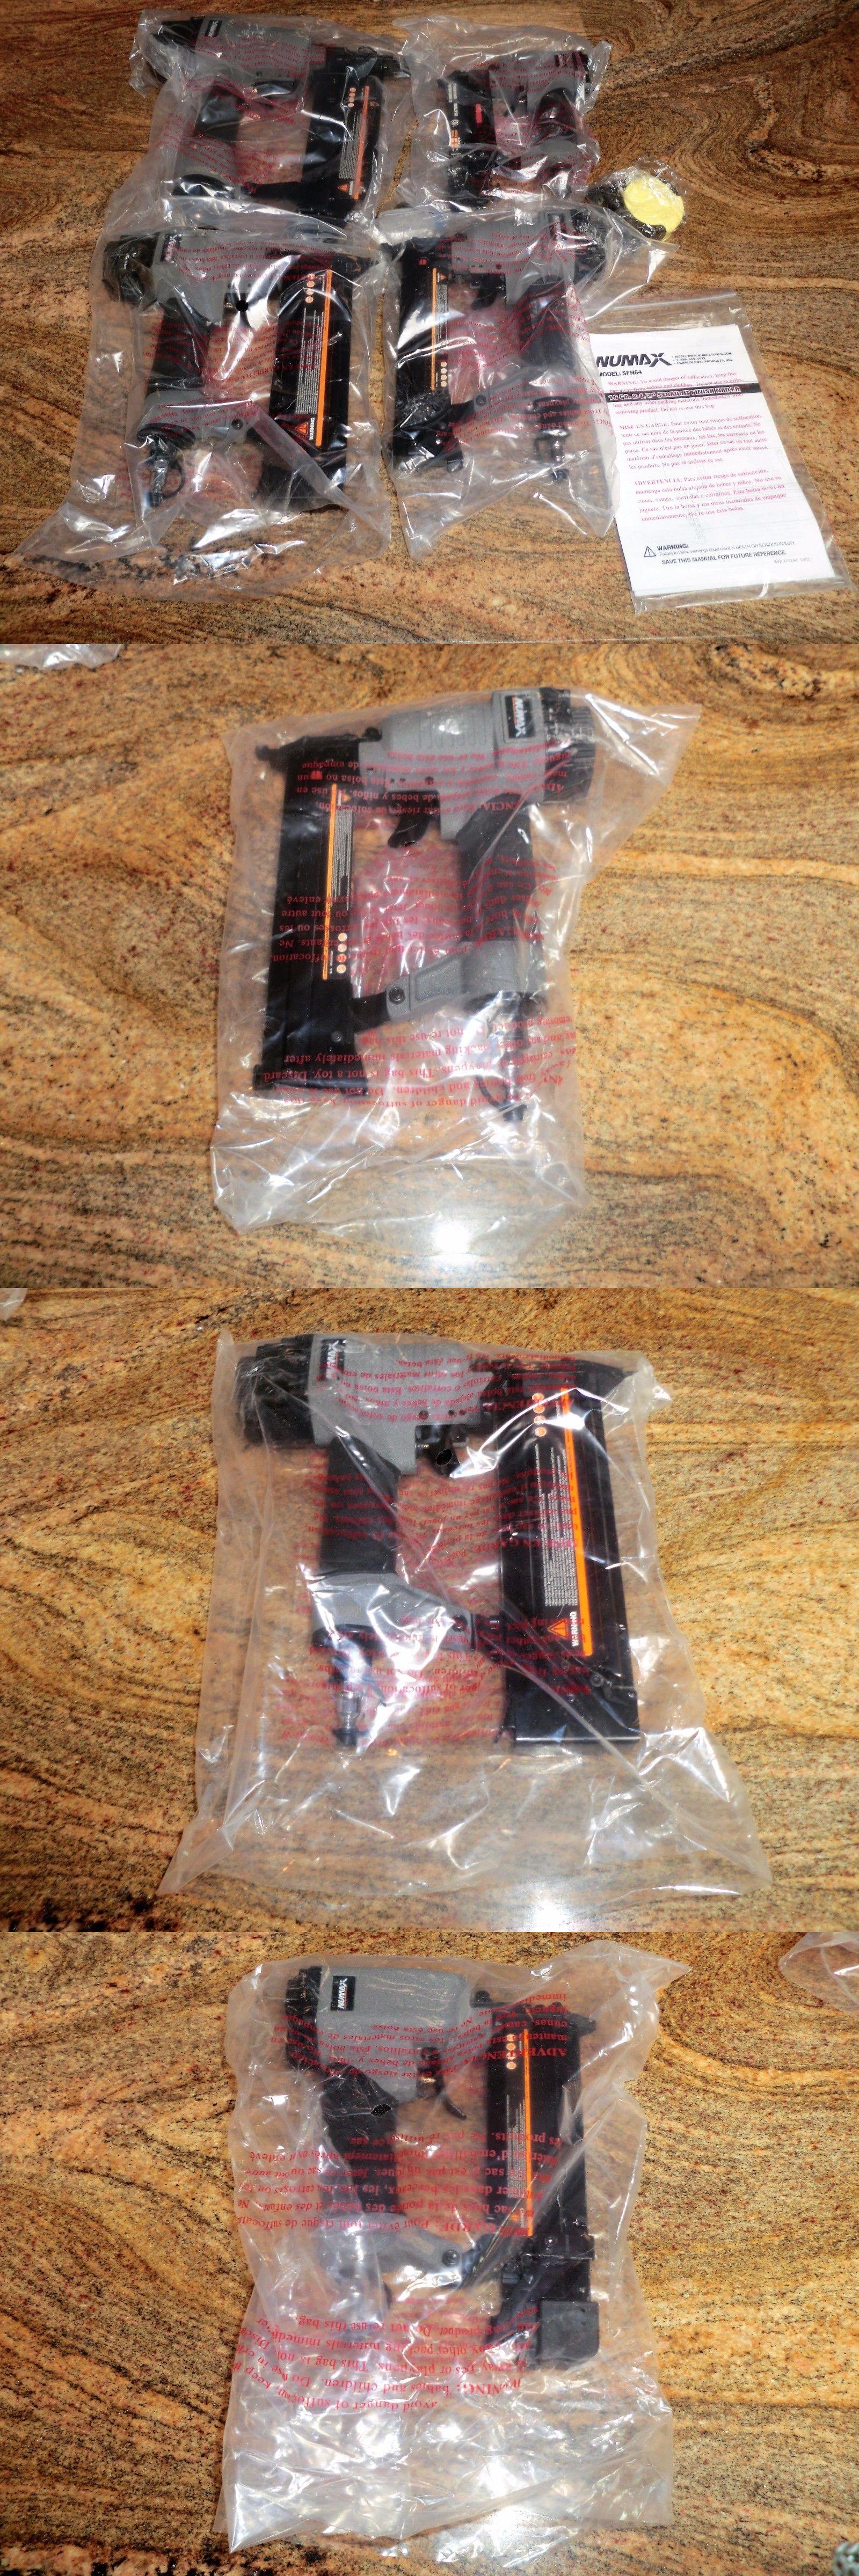 Air Tool Kits Sets 159927: Numax S9pfk 4-Piece Standard Finishing ...